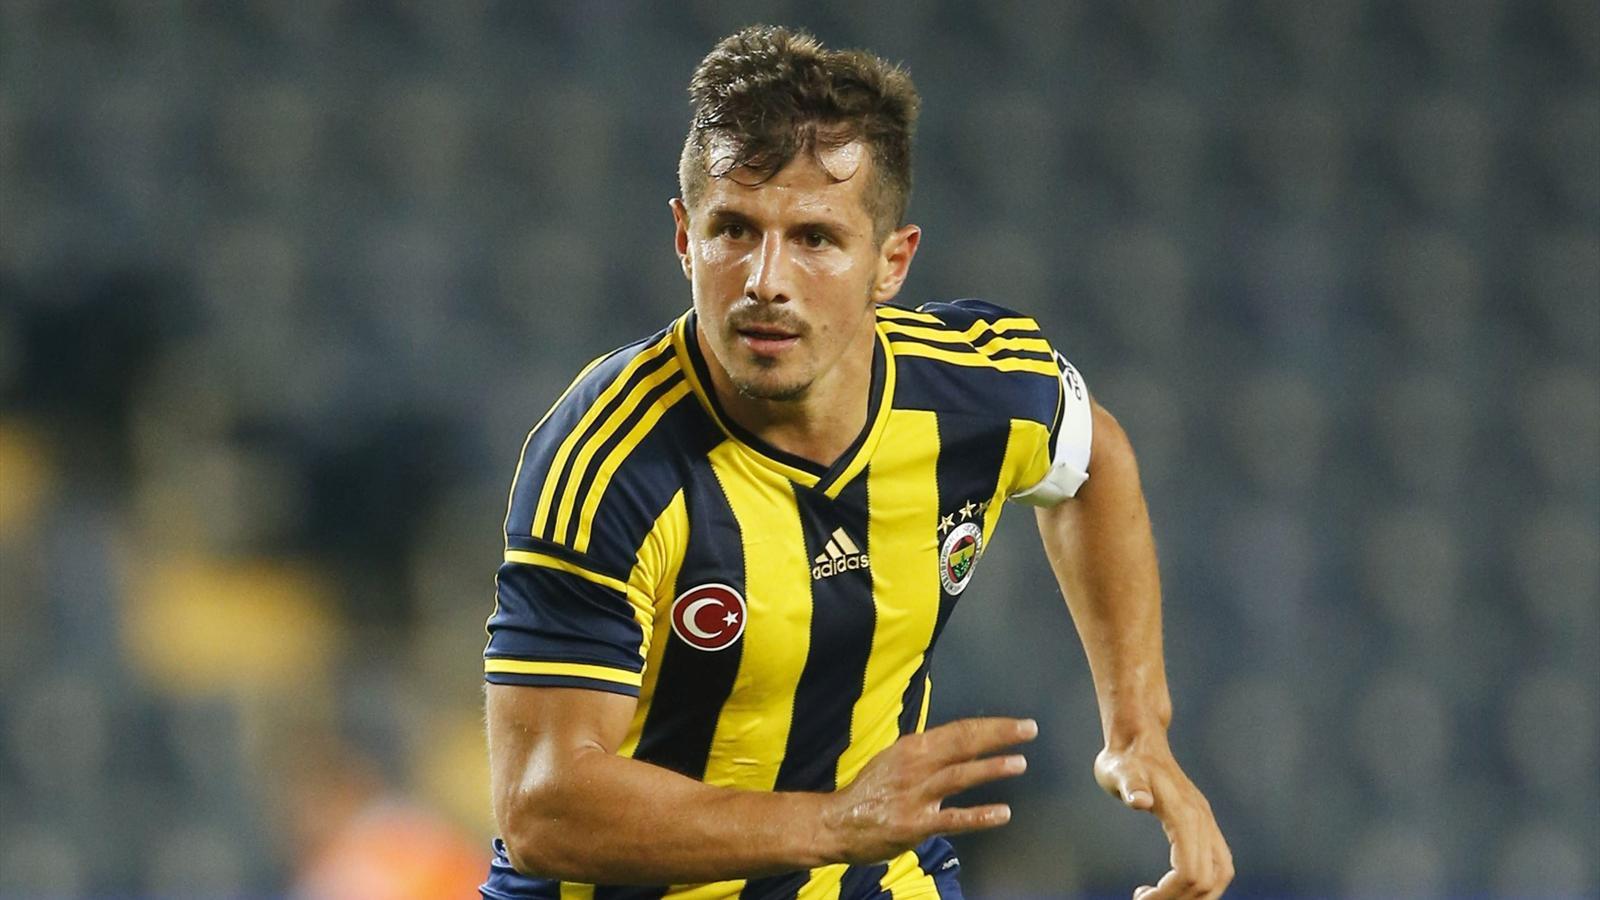 Emre Belözoğlu, Türk futbolcu tarihte bugün